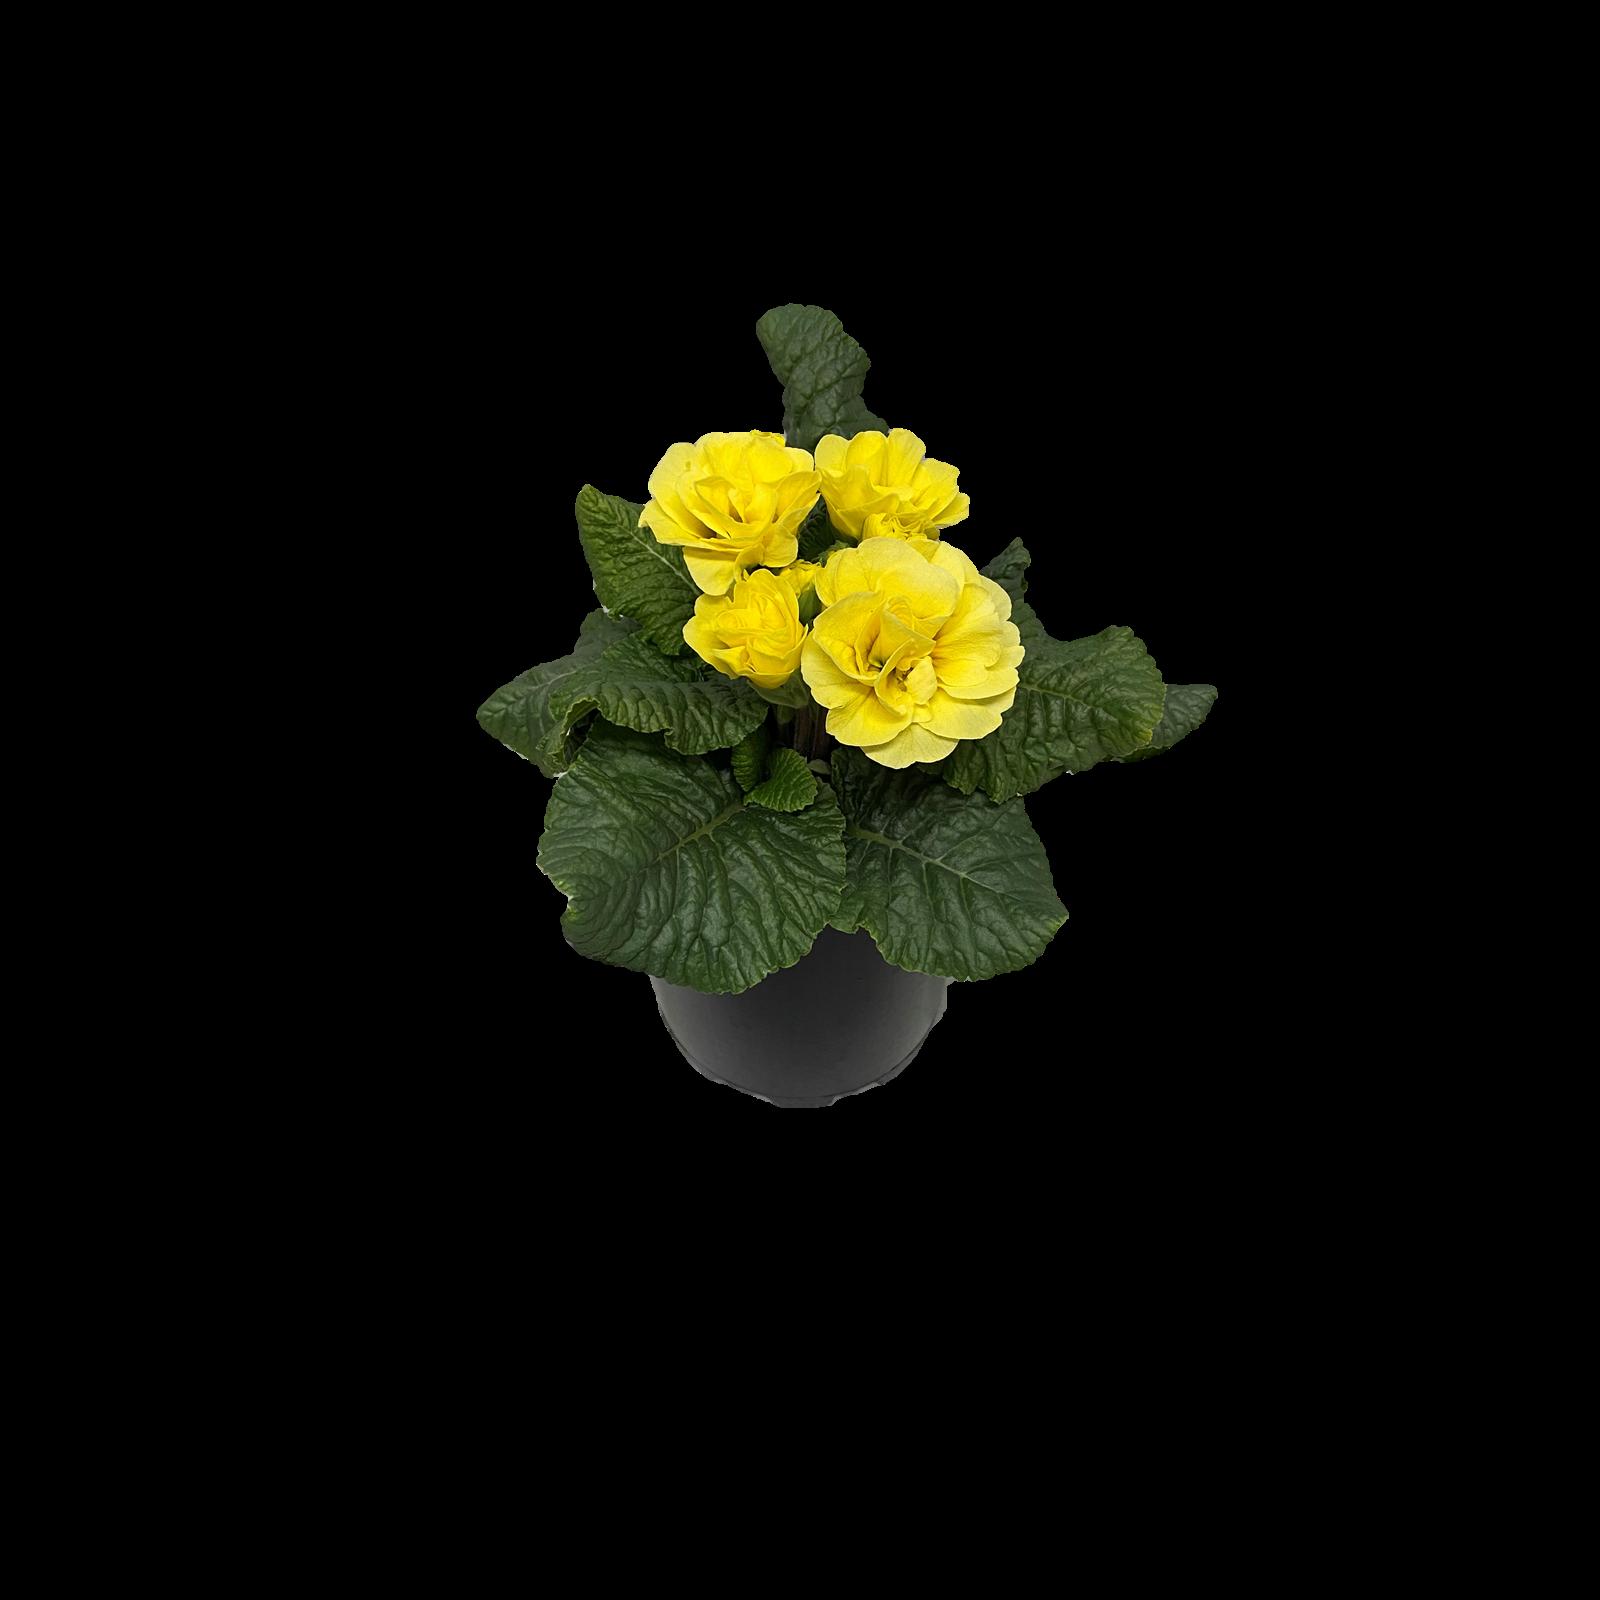 125mm Primula Petticoat - Primula Acaulis